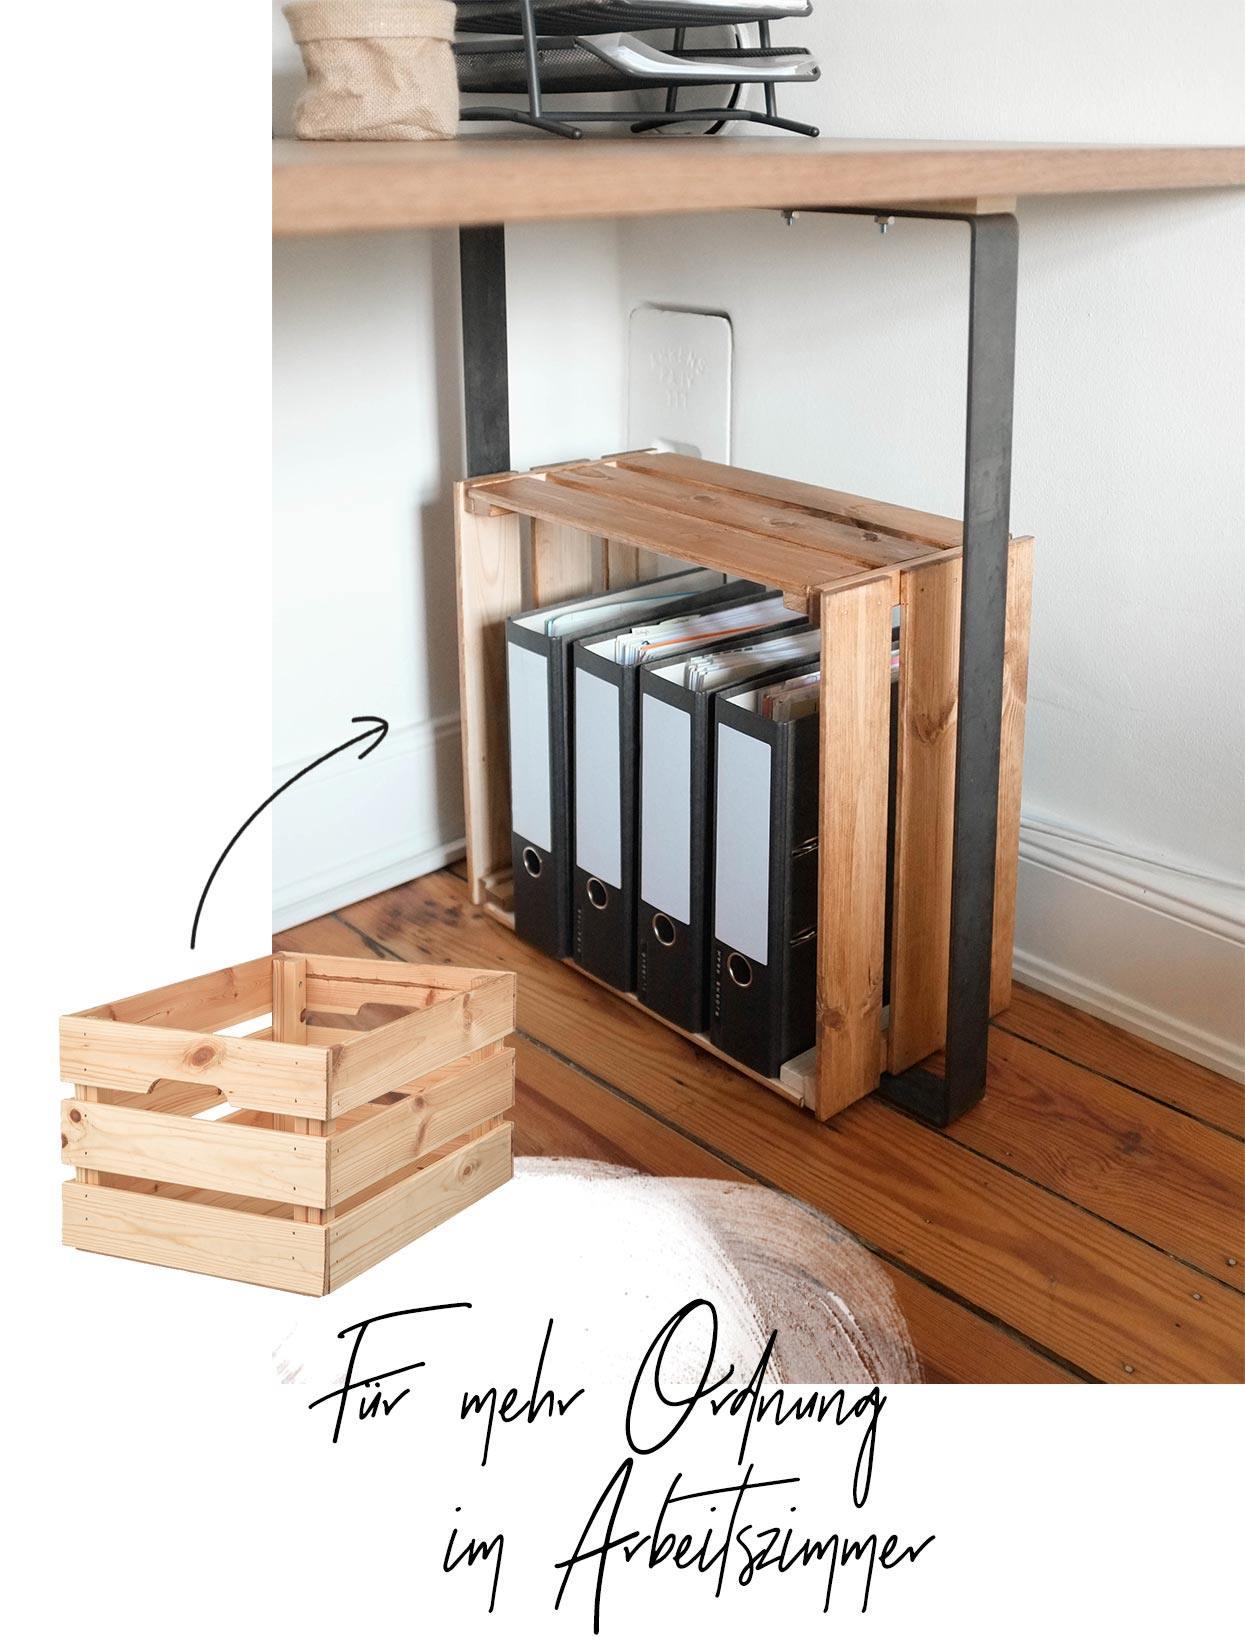 Full Size of Ikea Hacks Aufbewahrung Mit Kisten Eine Ordnerkiste Selber Bauen Wohnklamotte Miniküche Modulküche Küche Kaufen Betten Bett Aufbewahrungsbehälter 160x200 Wohnzimmer Ikea Hacks Aufbewahrung